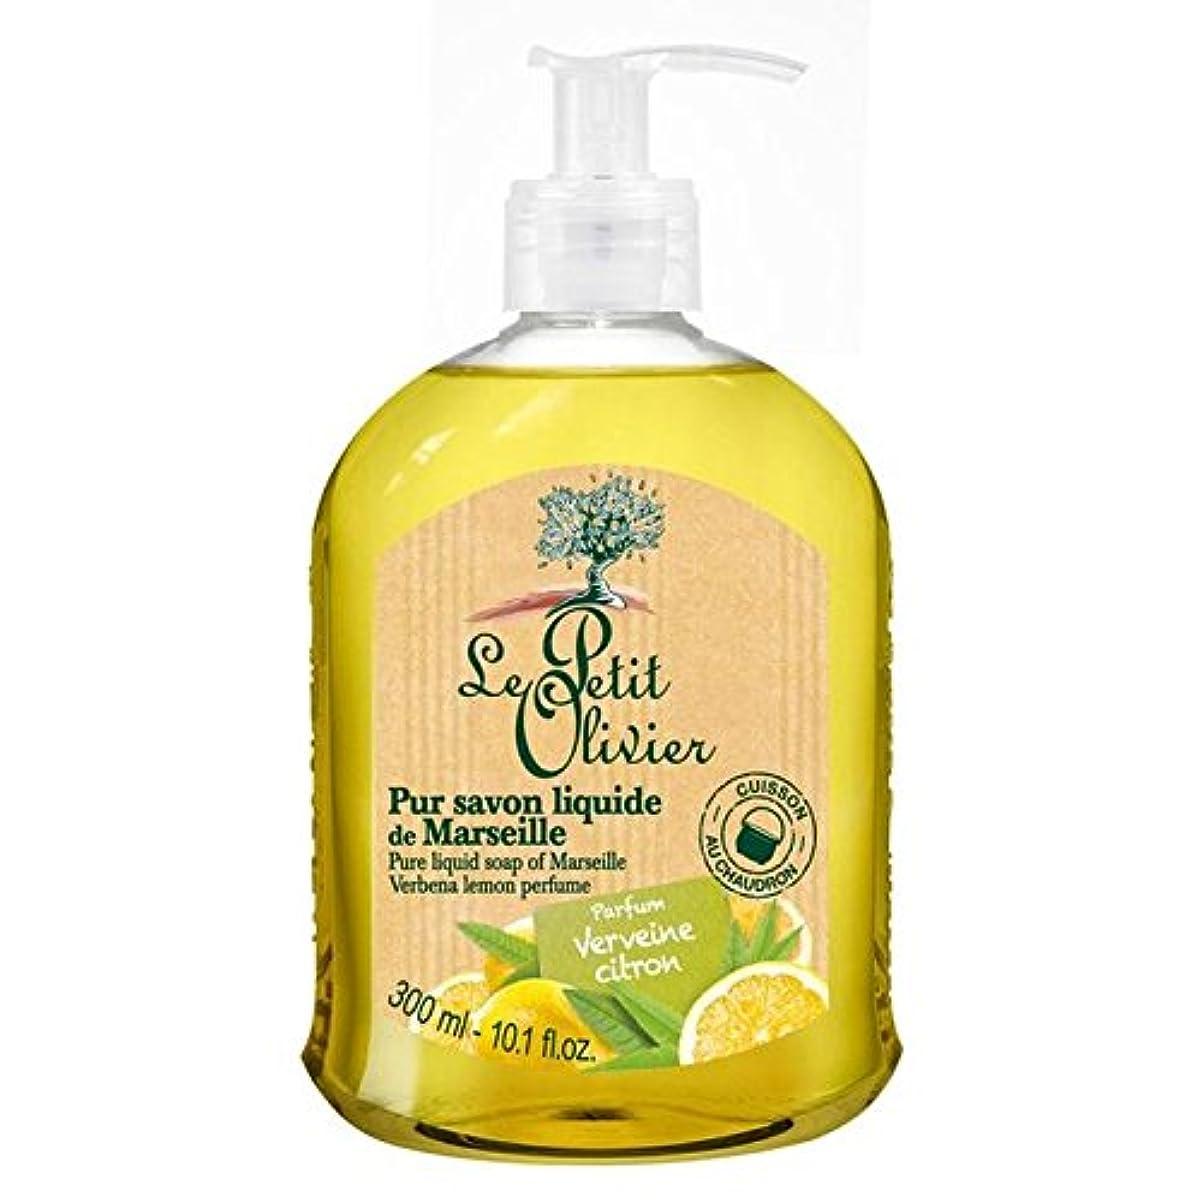 誤解を招く召集するエクスタシーLe Petit Olivier Pure Liquid Soap of Marseille, Verbena Lemon 300ml - マルセイユのル?プティ?オリヴィエ純粋な液体石鹸、バーベナレモン300ミリリットル...